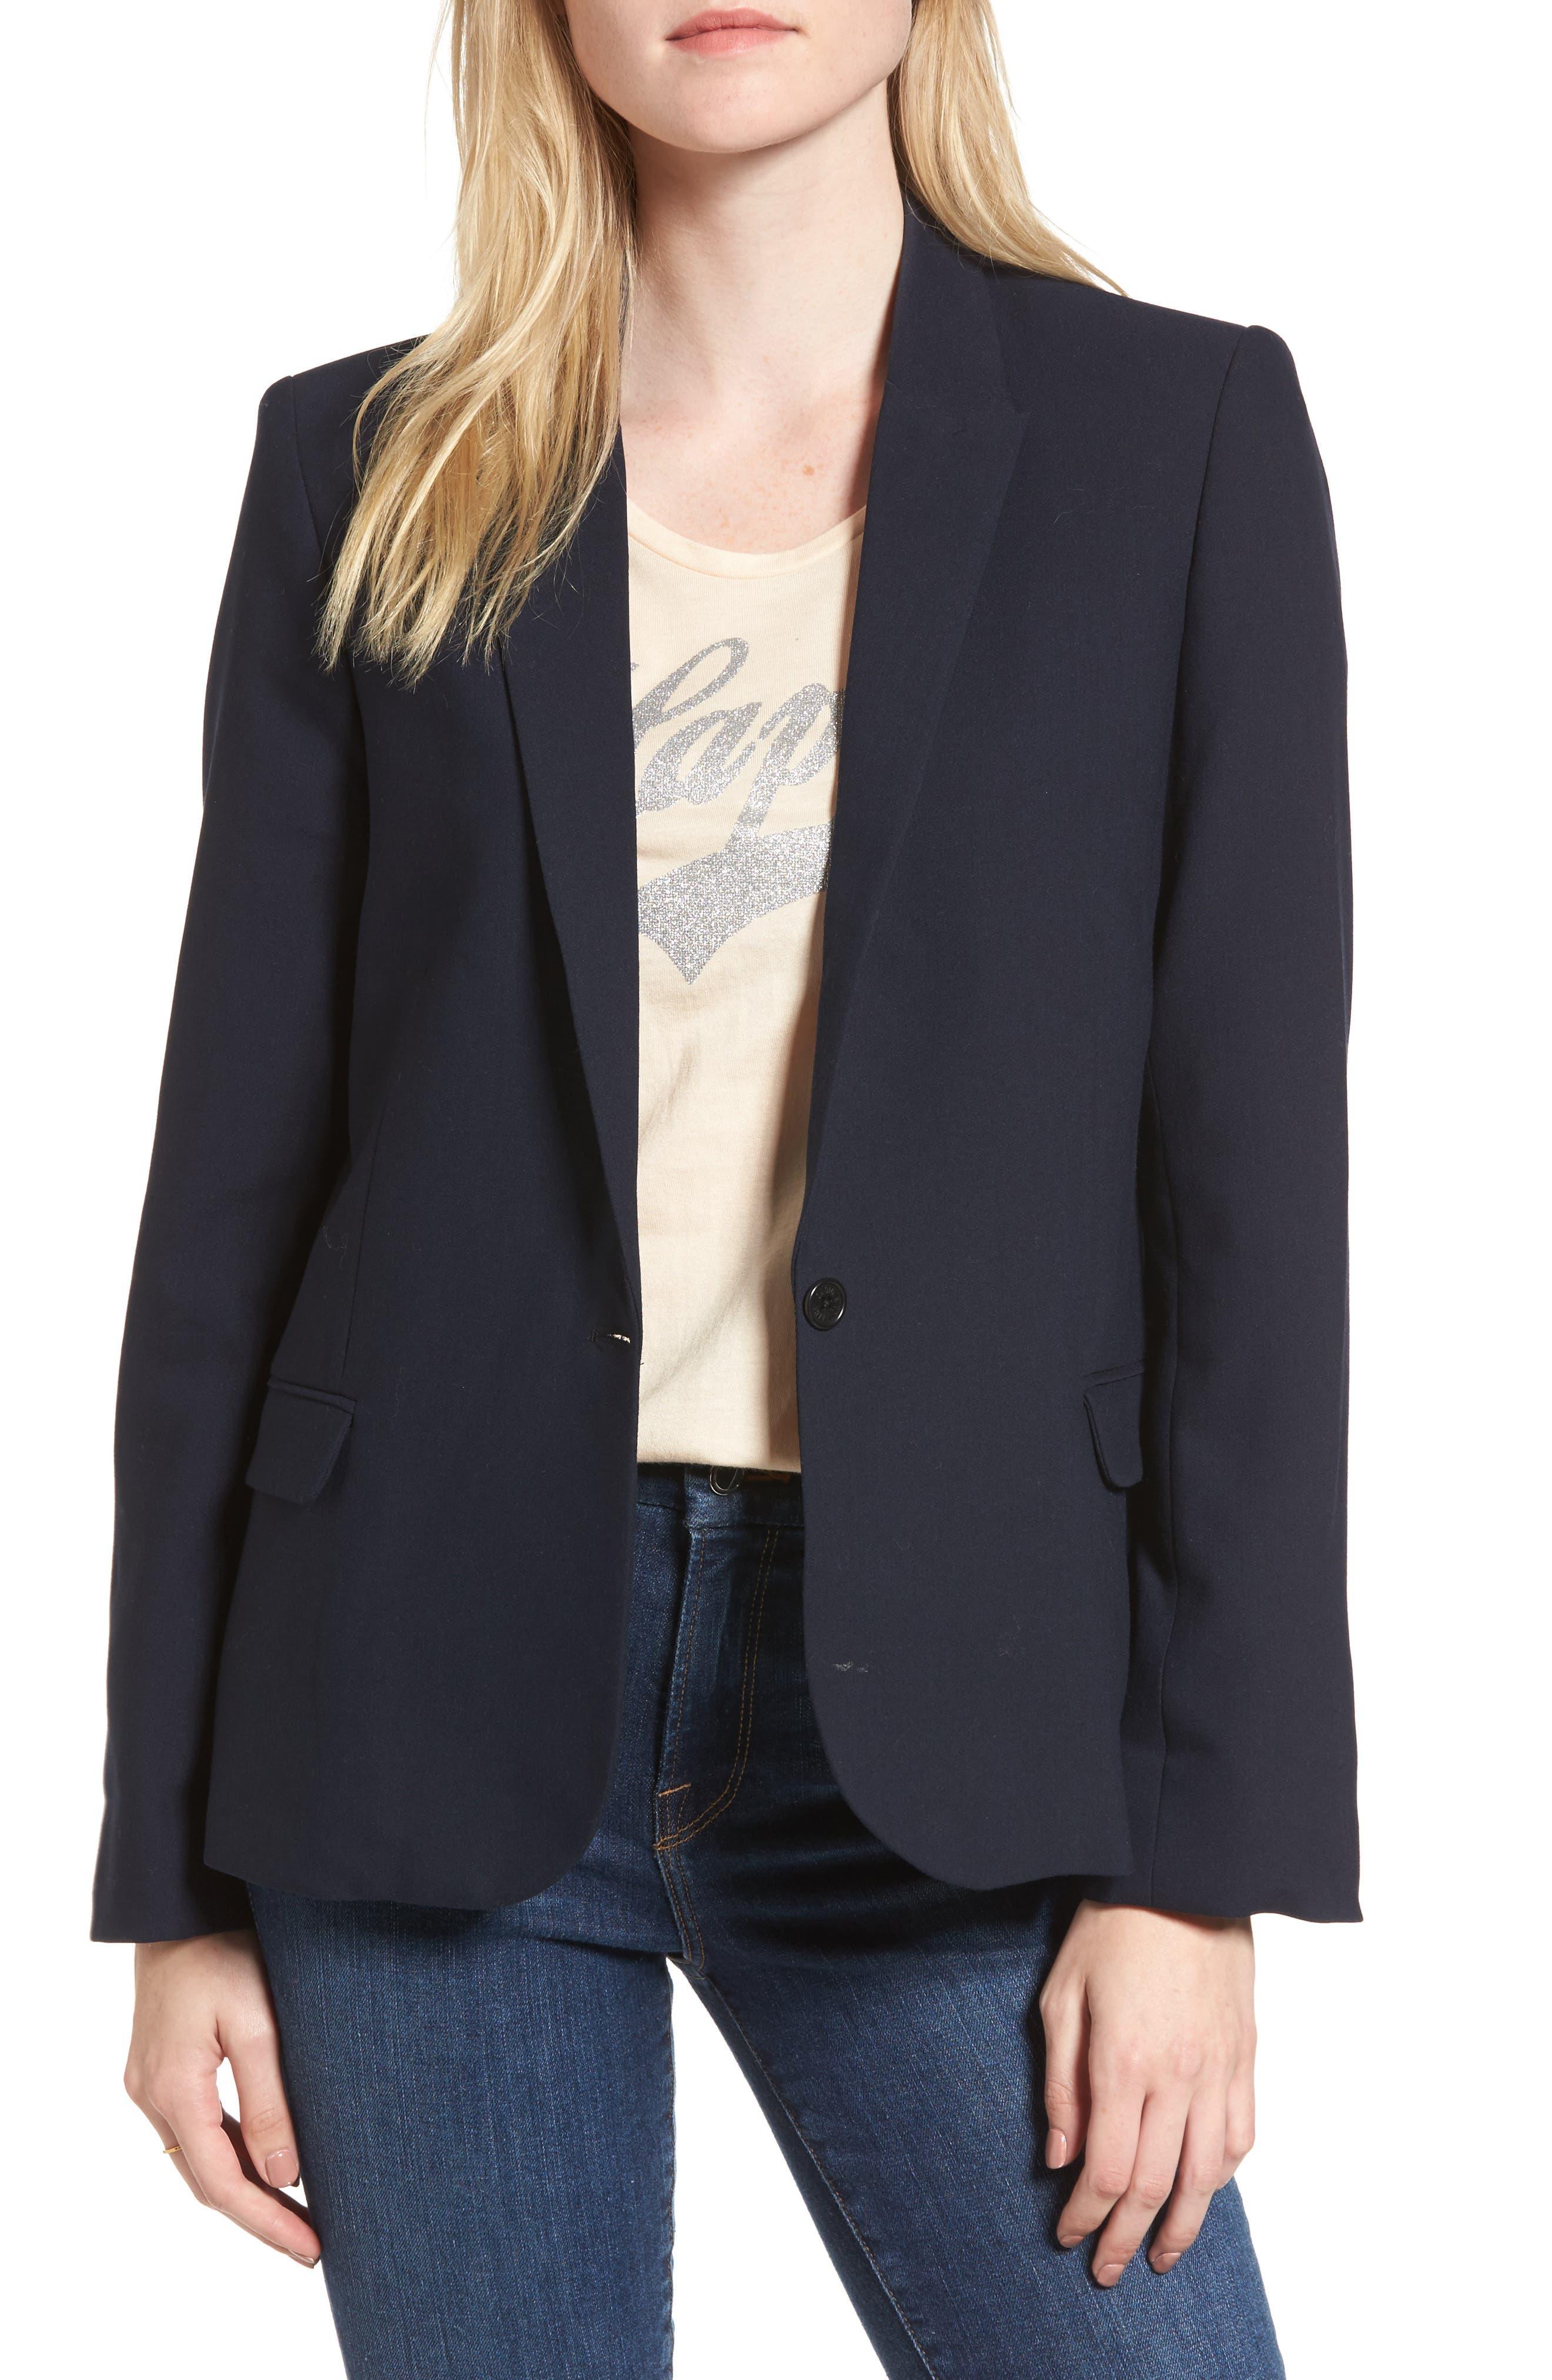 Zadig & Voltaire Victor Love Bis Studded Jacket